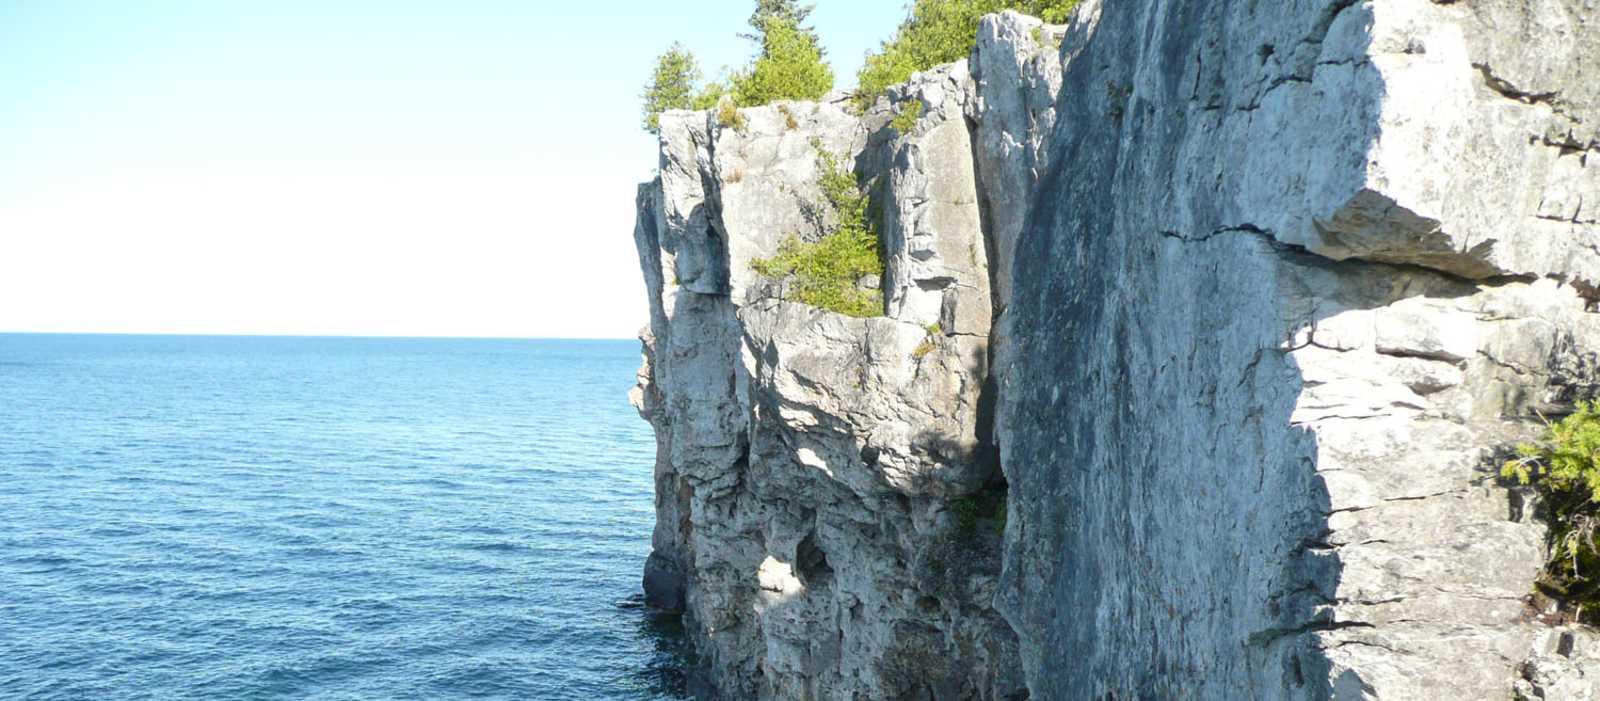 Steilküste der Georgian Bay